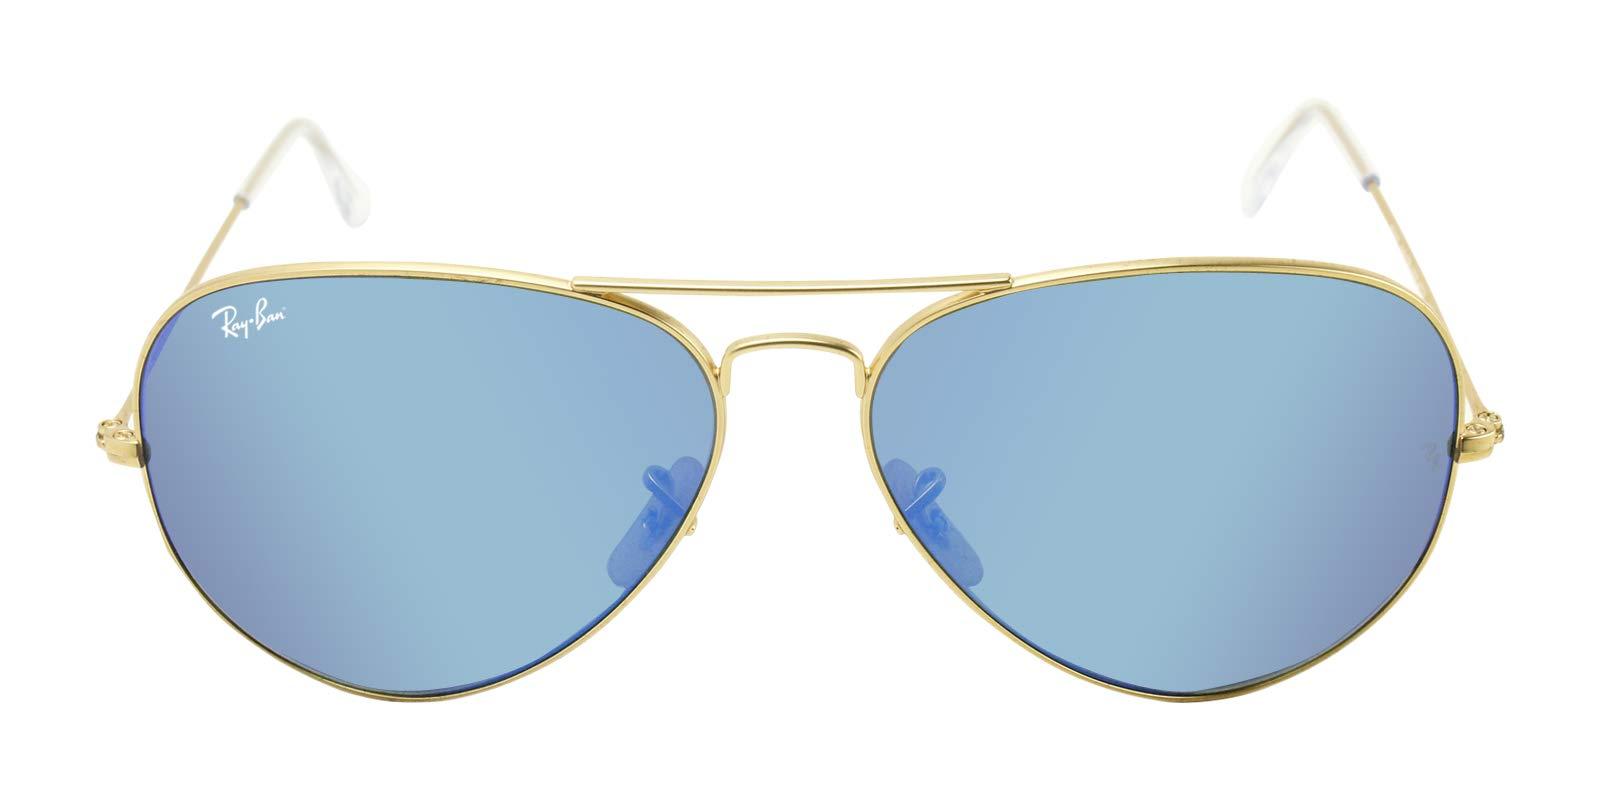 Ray-Ban RB3025 Unisex Aviator Sunglasses Mirrored